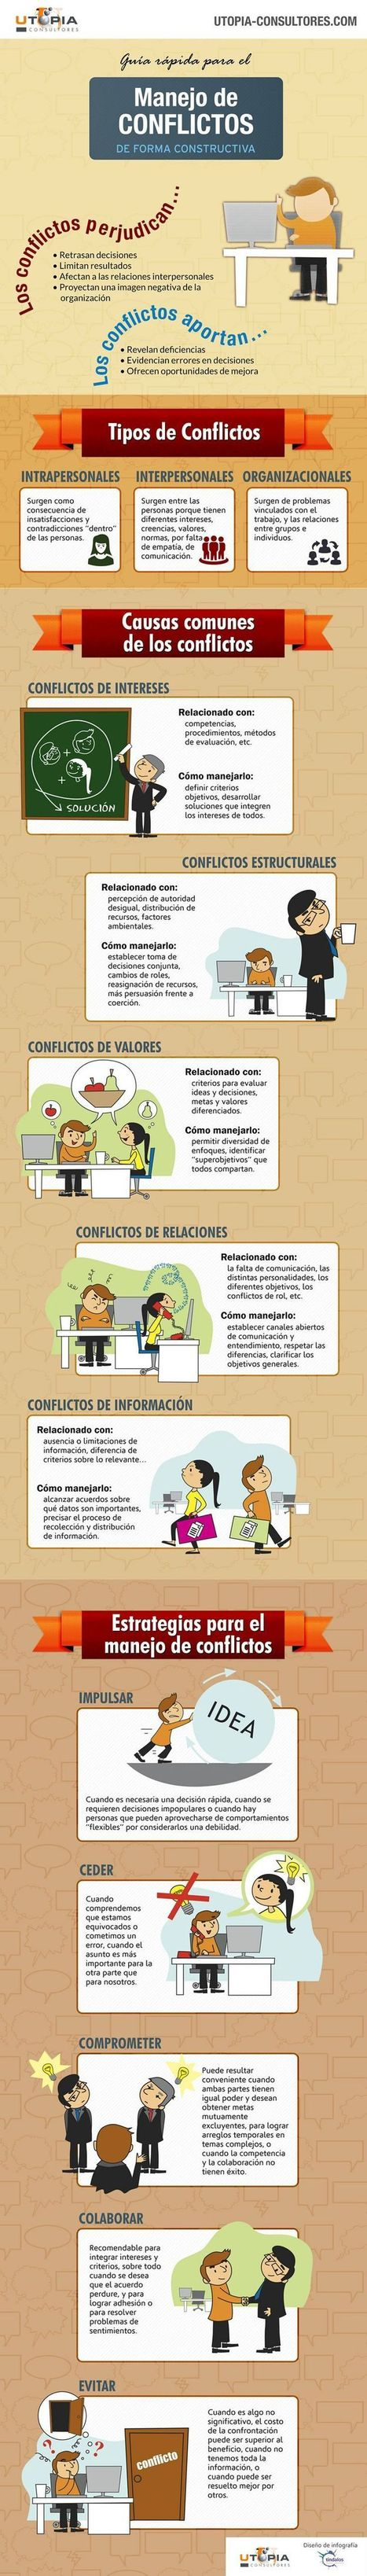 Manejo de conflictos de forma constructiva | Educacion, ecologia y TIC | Scoop.it